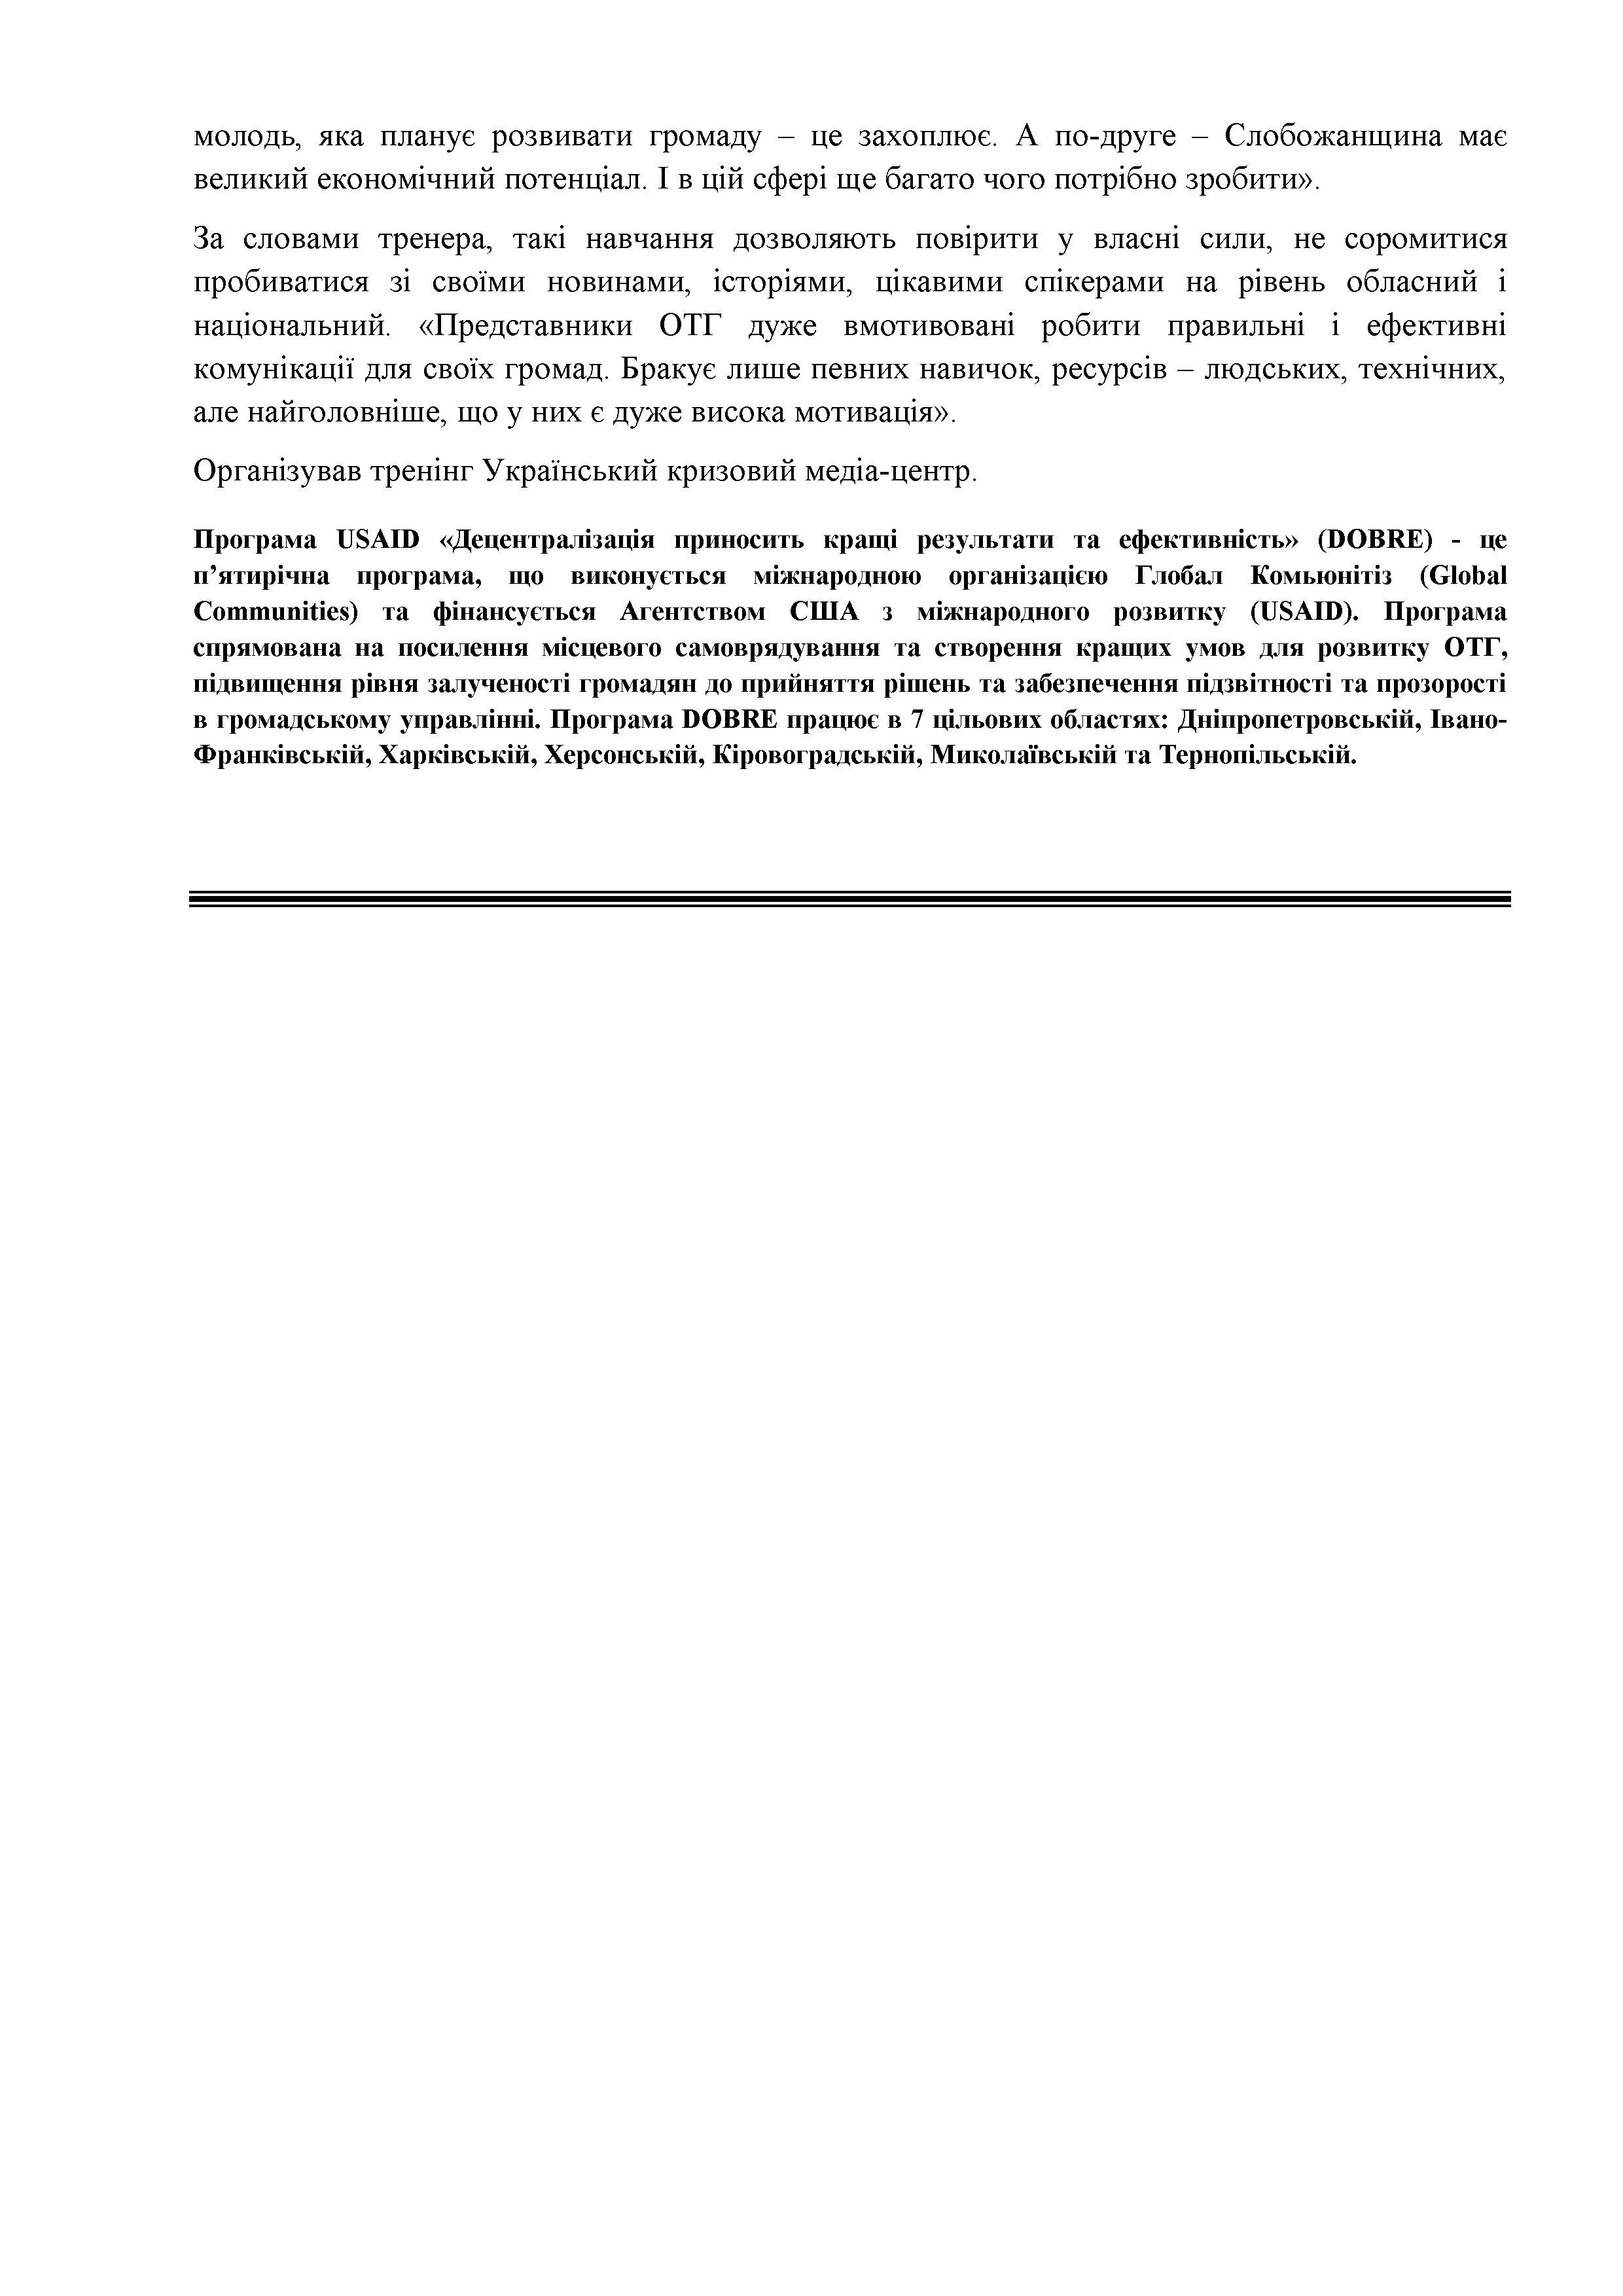 Прес-реліз тренінг у Харкові 12 грудня _12_